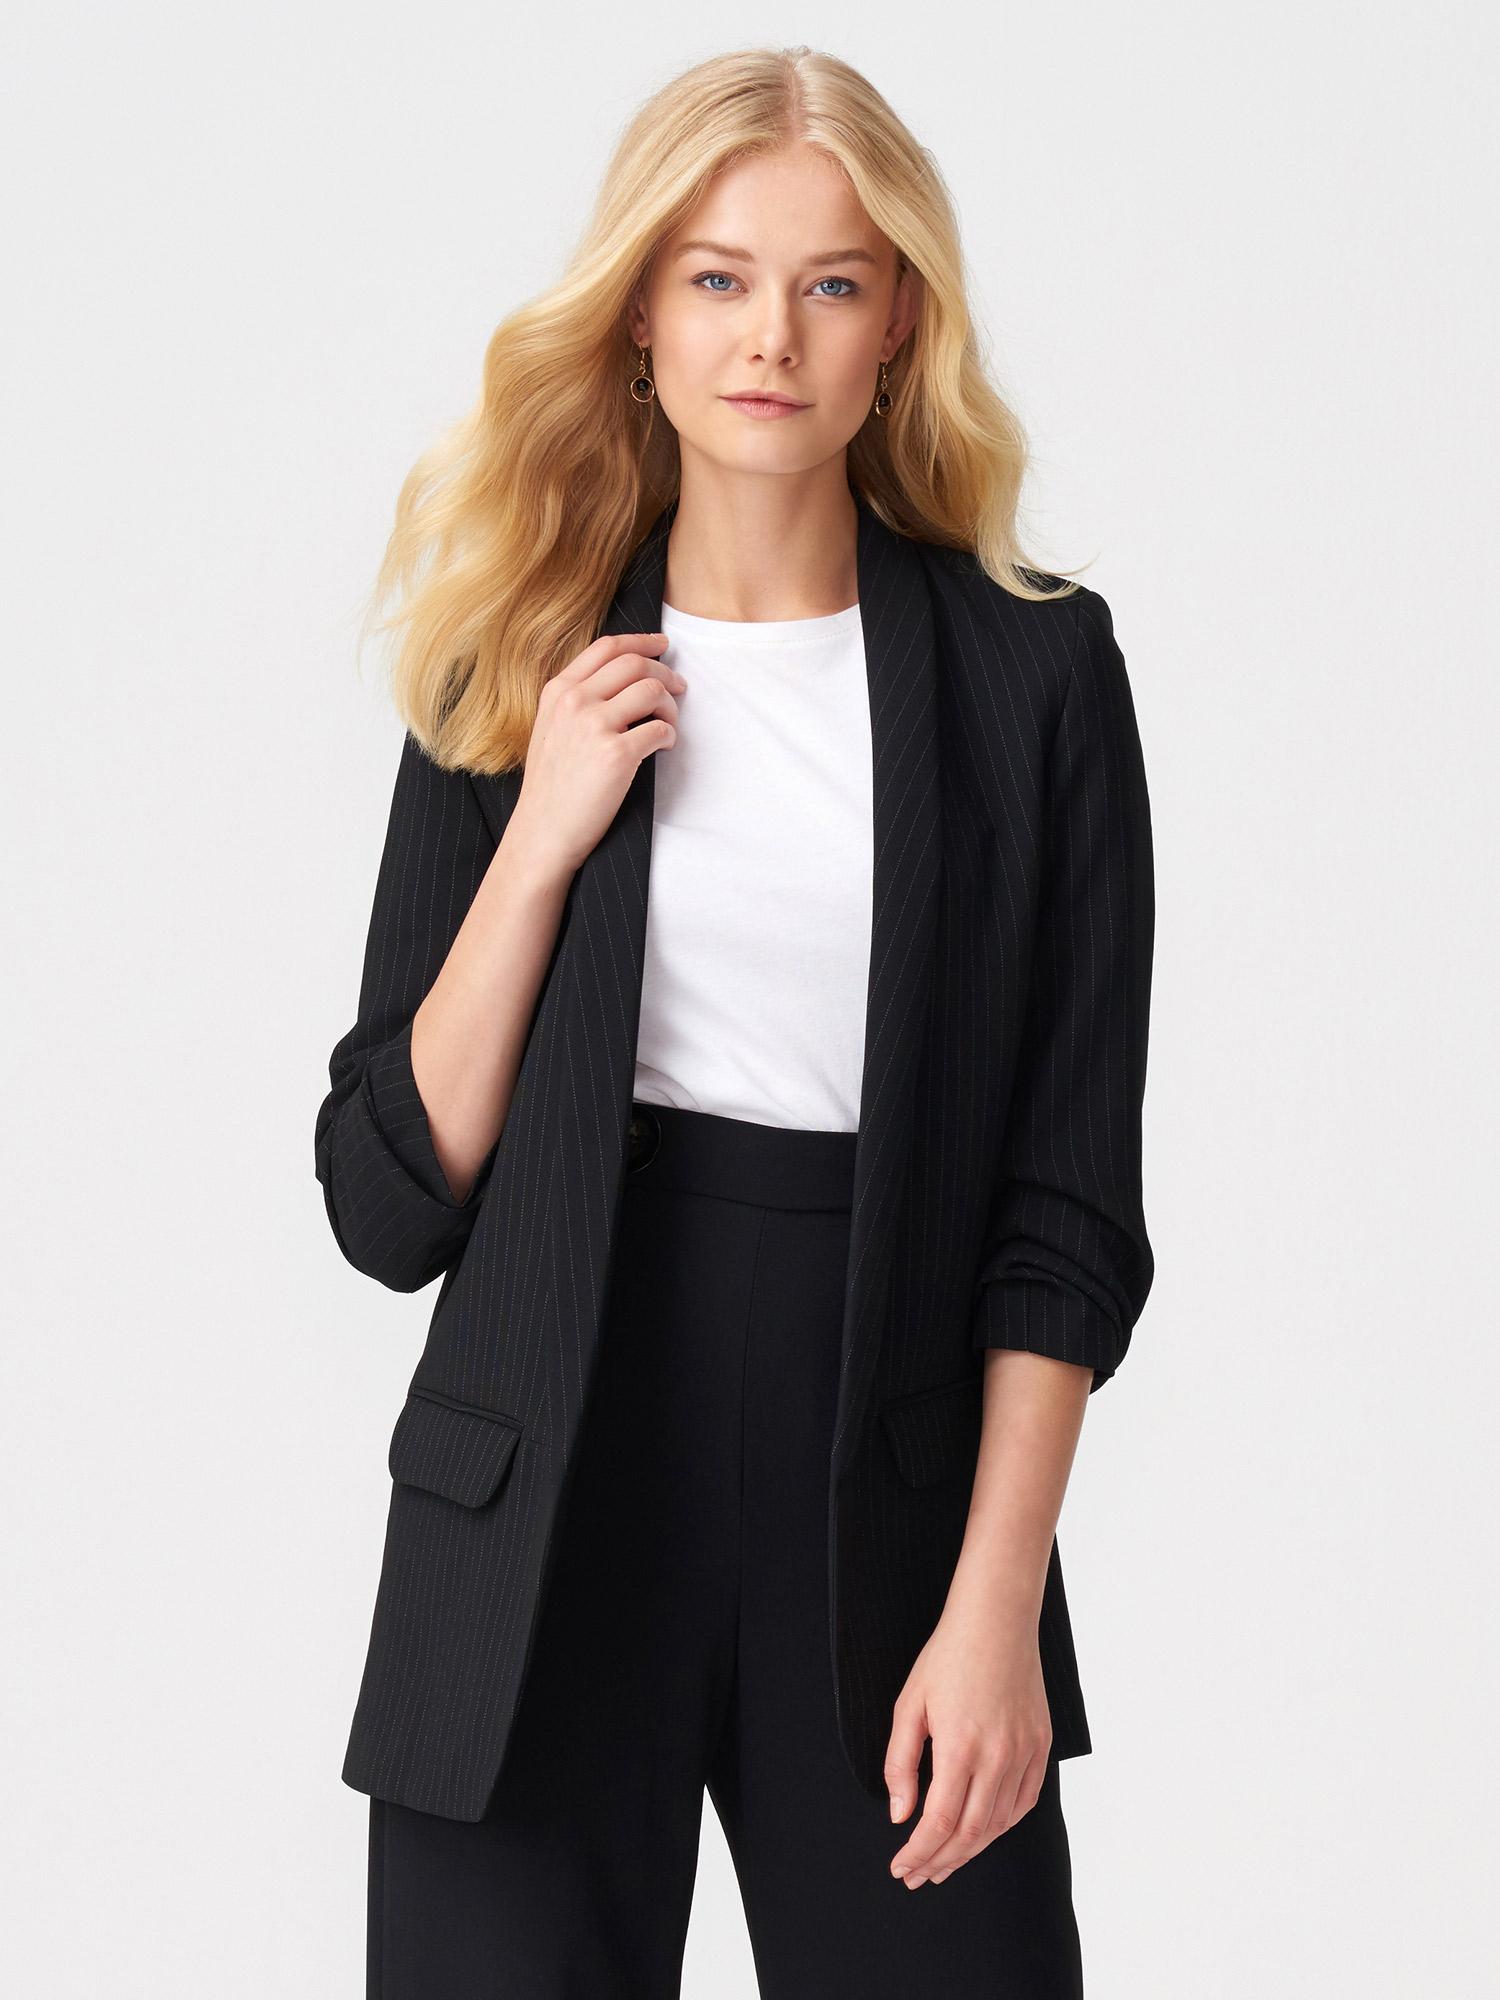 Siyah ve lacivert renklerdeki spor ve blazer ceketler, şık kumaş pantolonlarınızla büyük bir uyum sergilerken, düz spor ceketinizin jeanlerle birlikte sergilediği sportif çekiciliği kesinlikle seveceksiniz. Klasik kesim bir ceket sizi her zaman iyi gösterebilir.